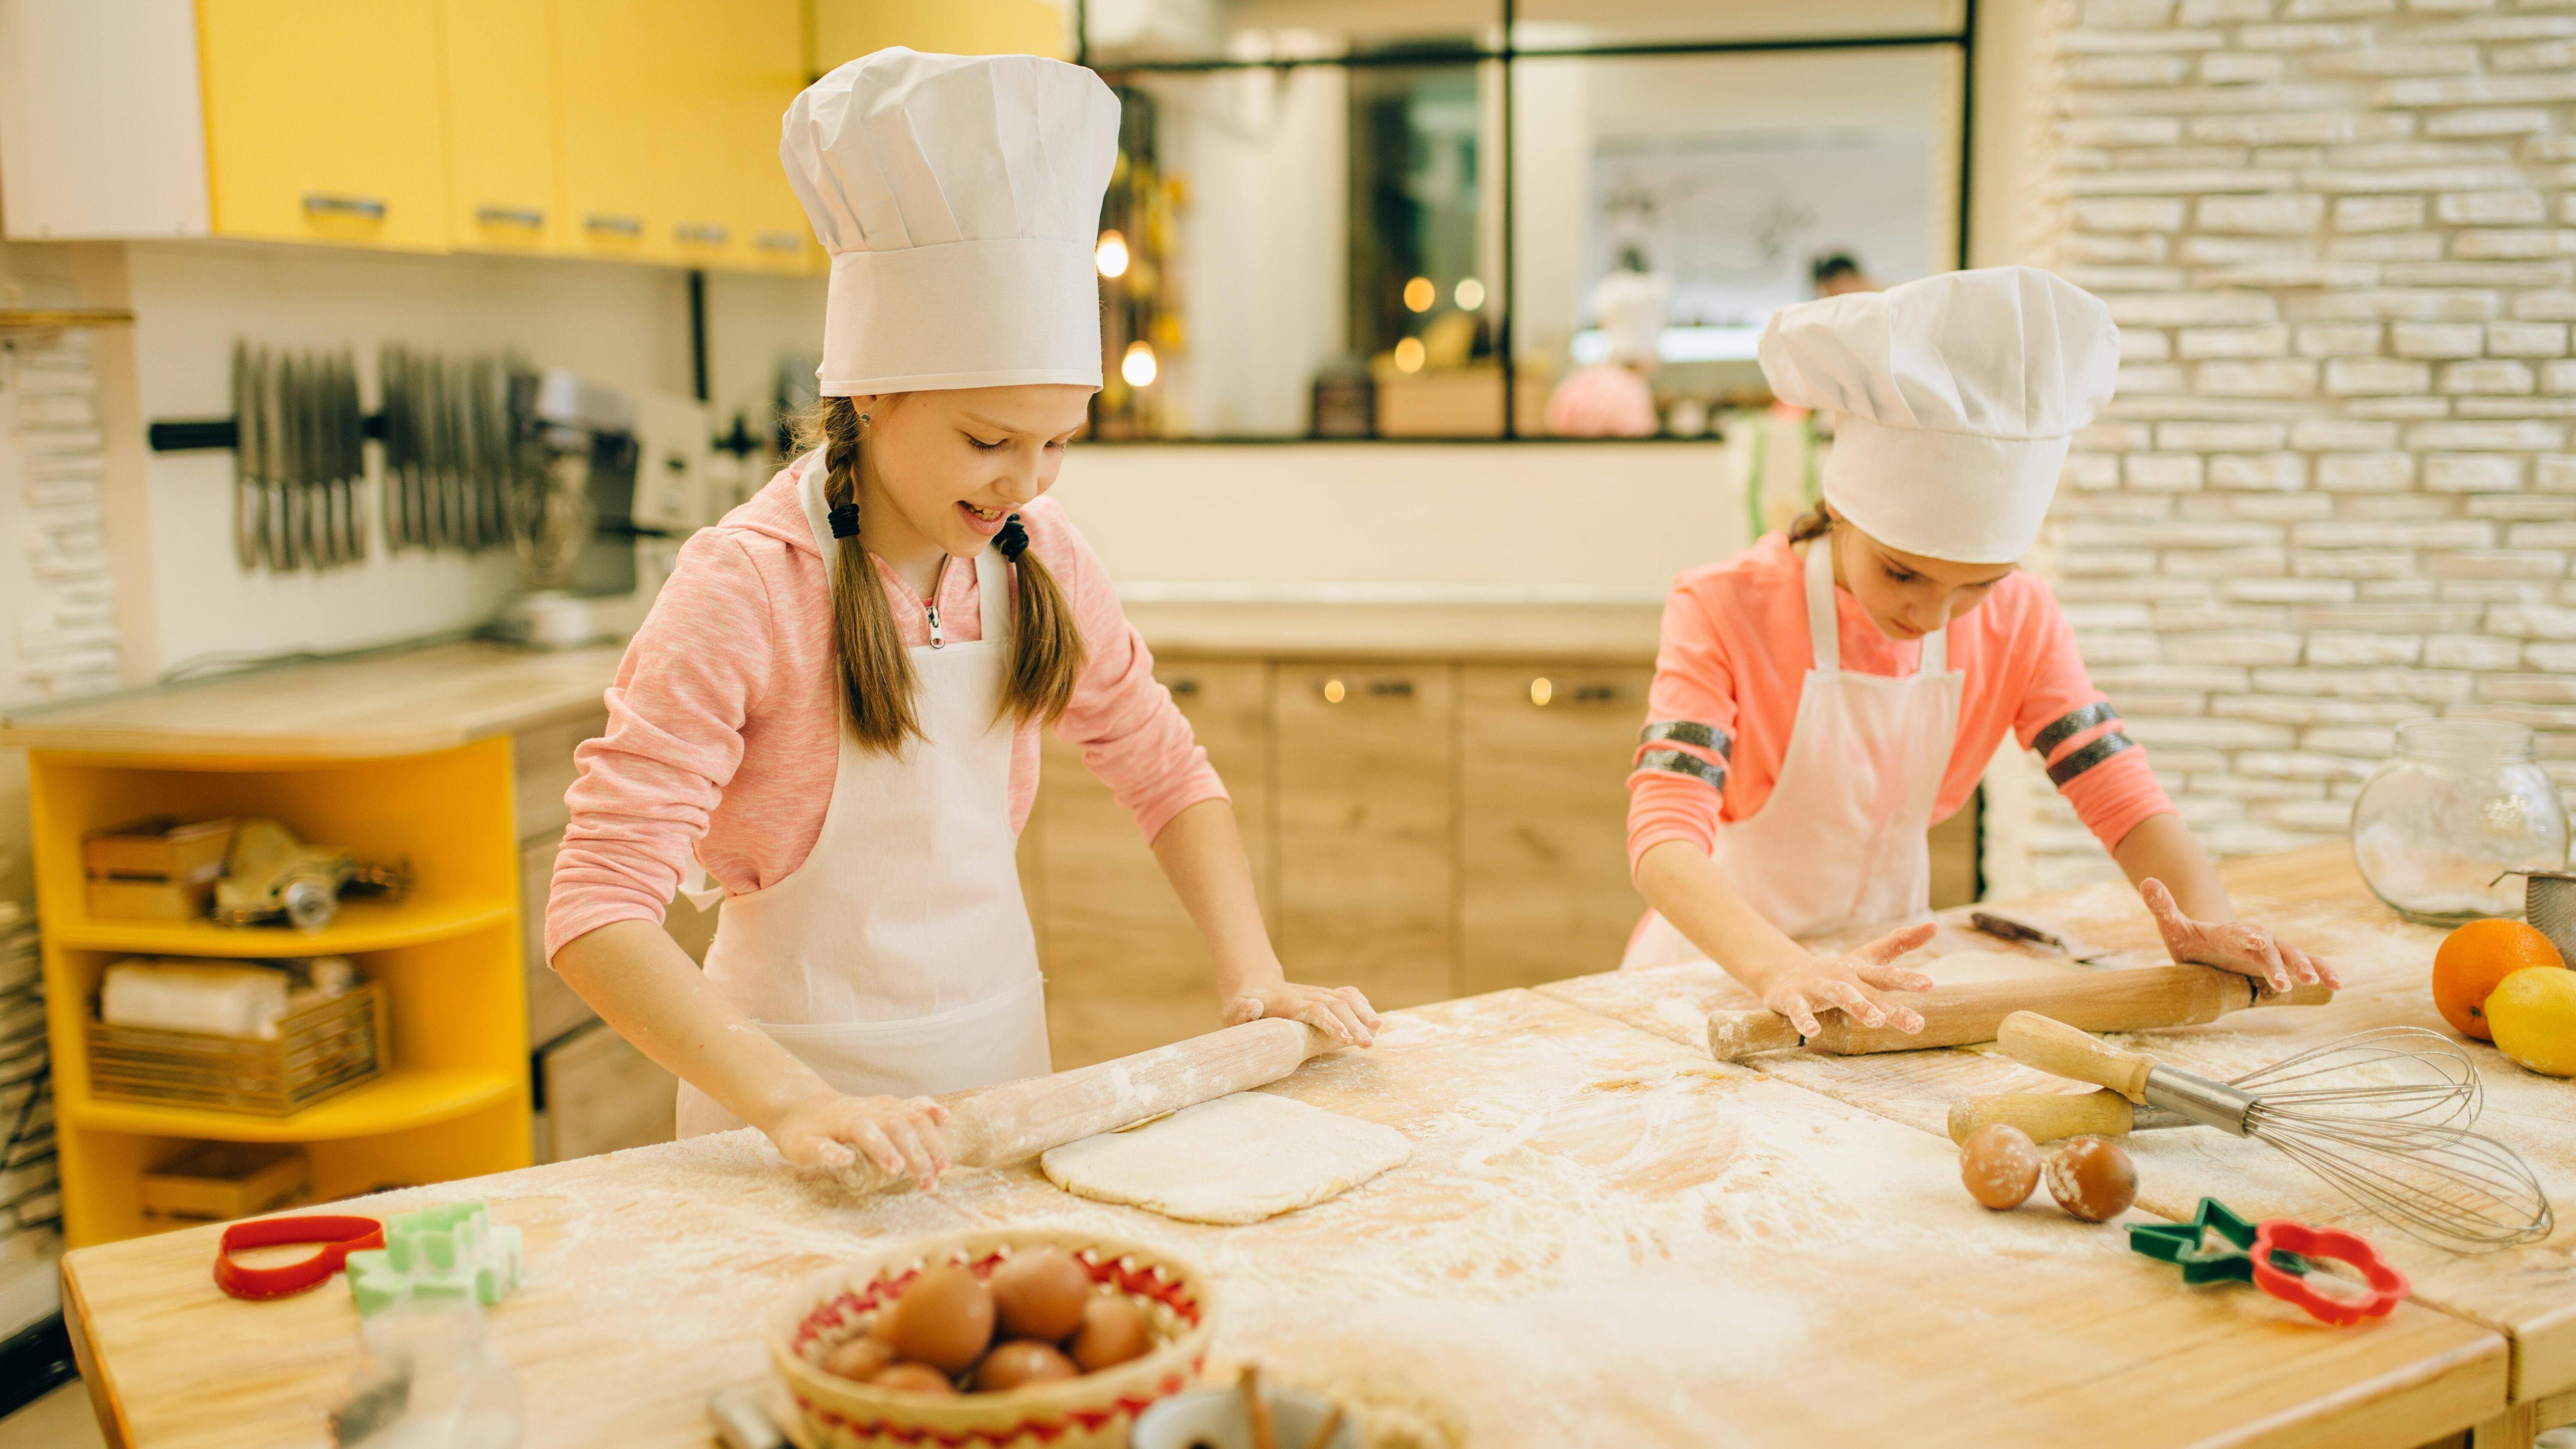 Kochen oder Backen Sie mit Ihren Kindern.